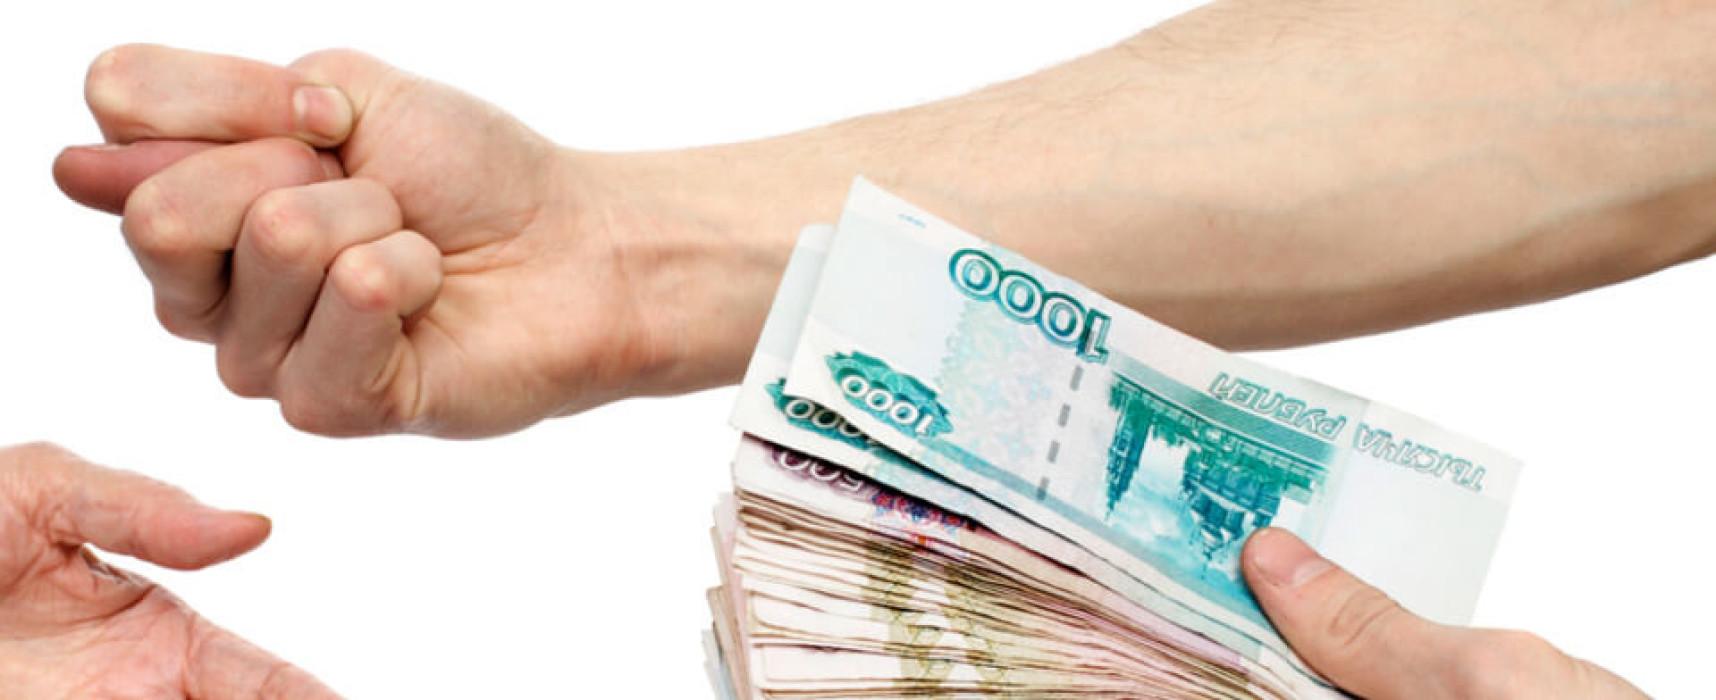 Как вернуть деньги, излишне выплаченные сотруднику